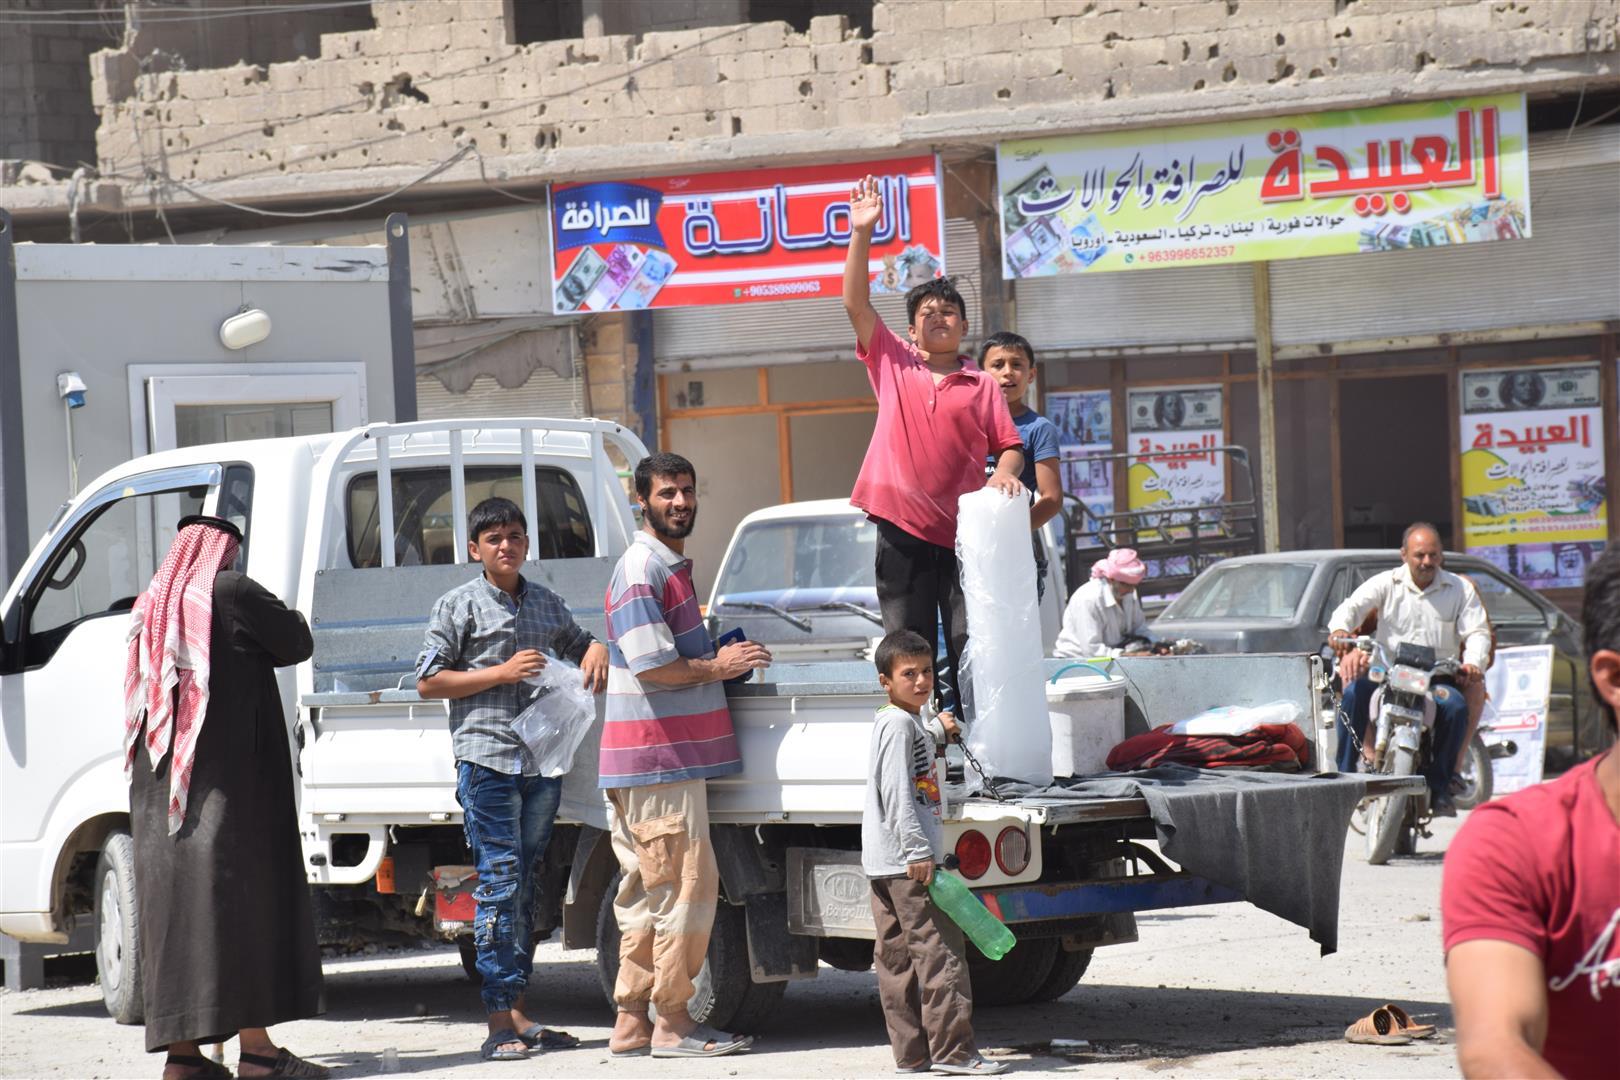 La vida normal volvió... ¿Cómo se eliminaron las células durmientes en al-Raqqa?